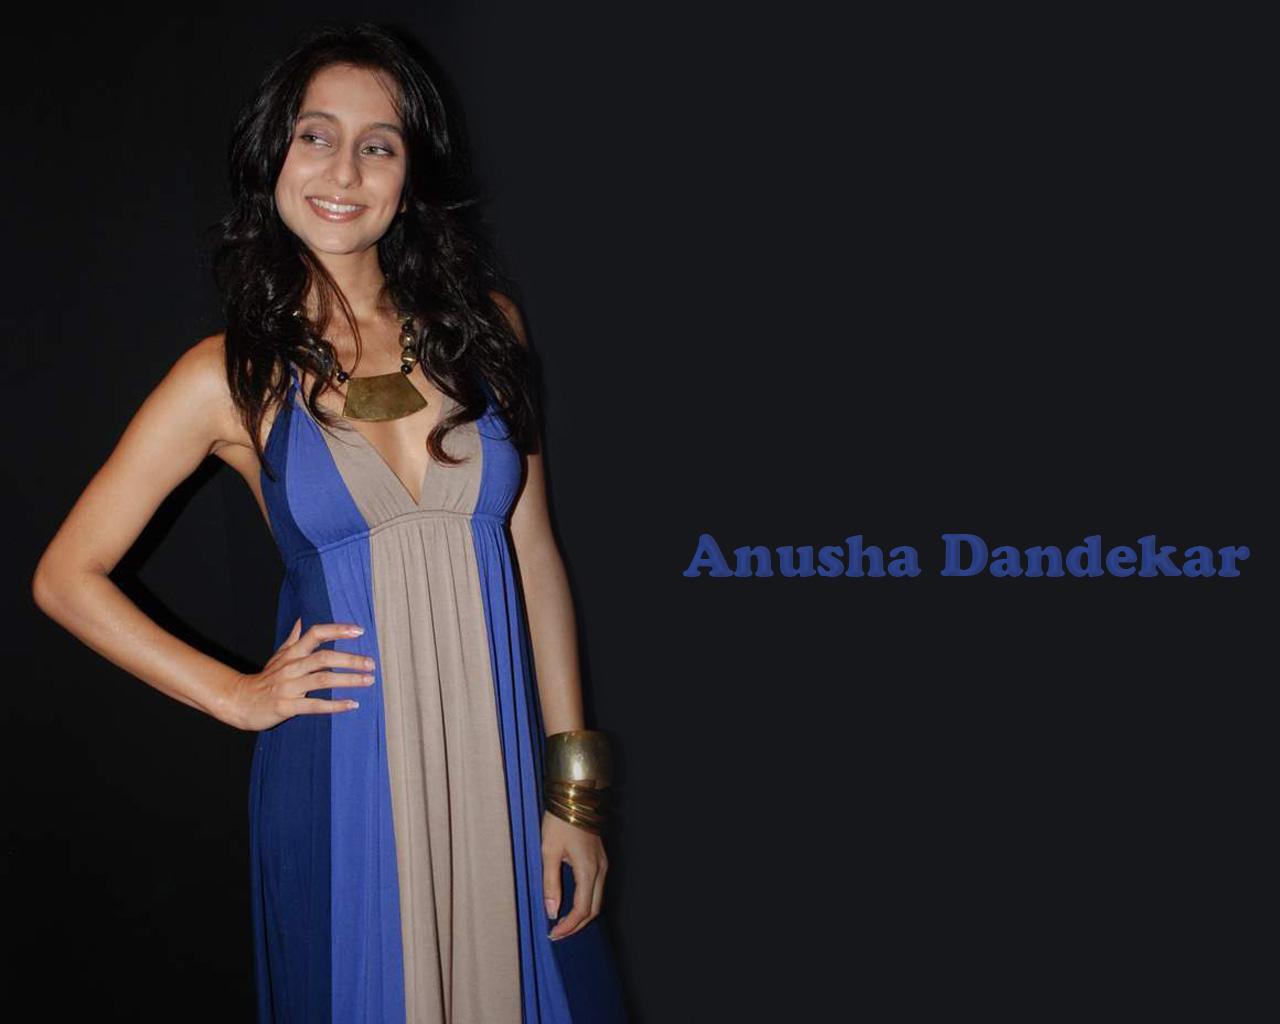 http://3.bp.blogspot.com/-xjuX_GRVjG8/T4aYoNcAQSI/AAAAAAAALa8/8NRlQicOlfo/s1600/Anousha_Dandekar2.jpg